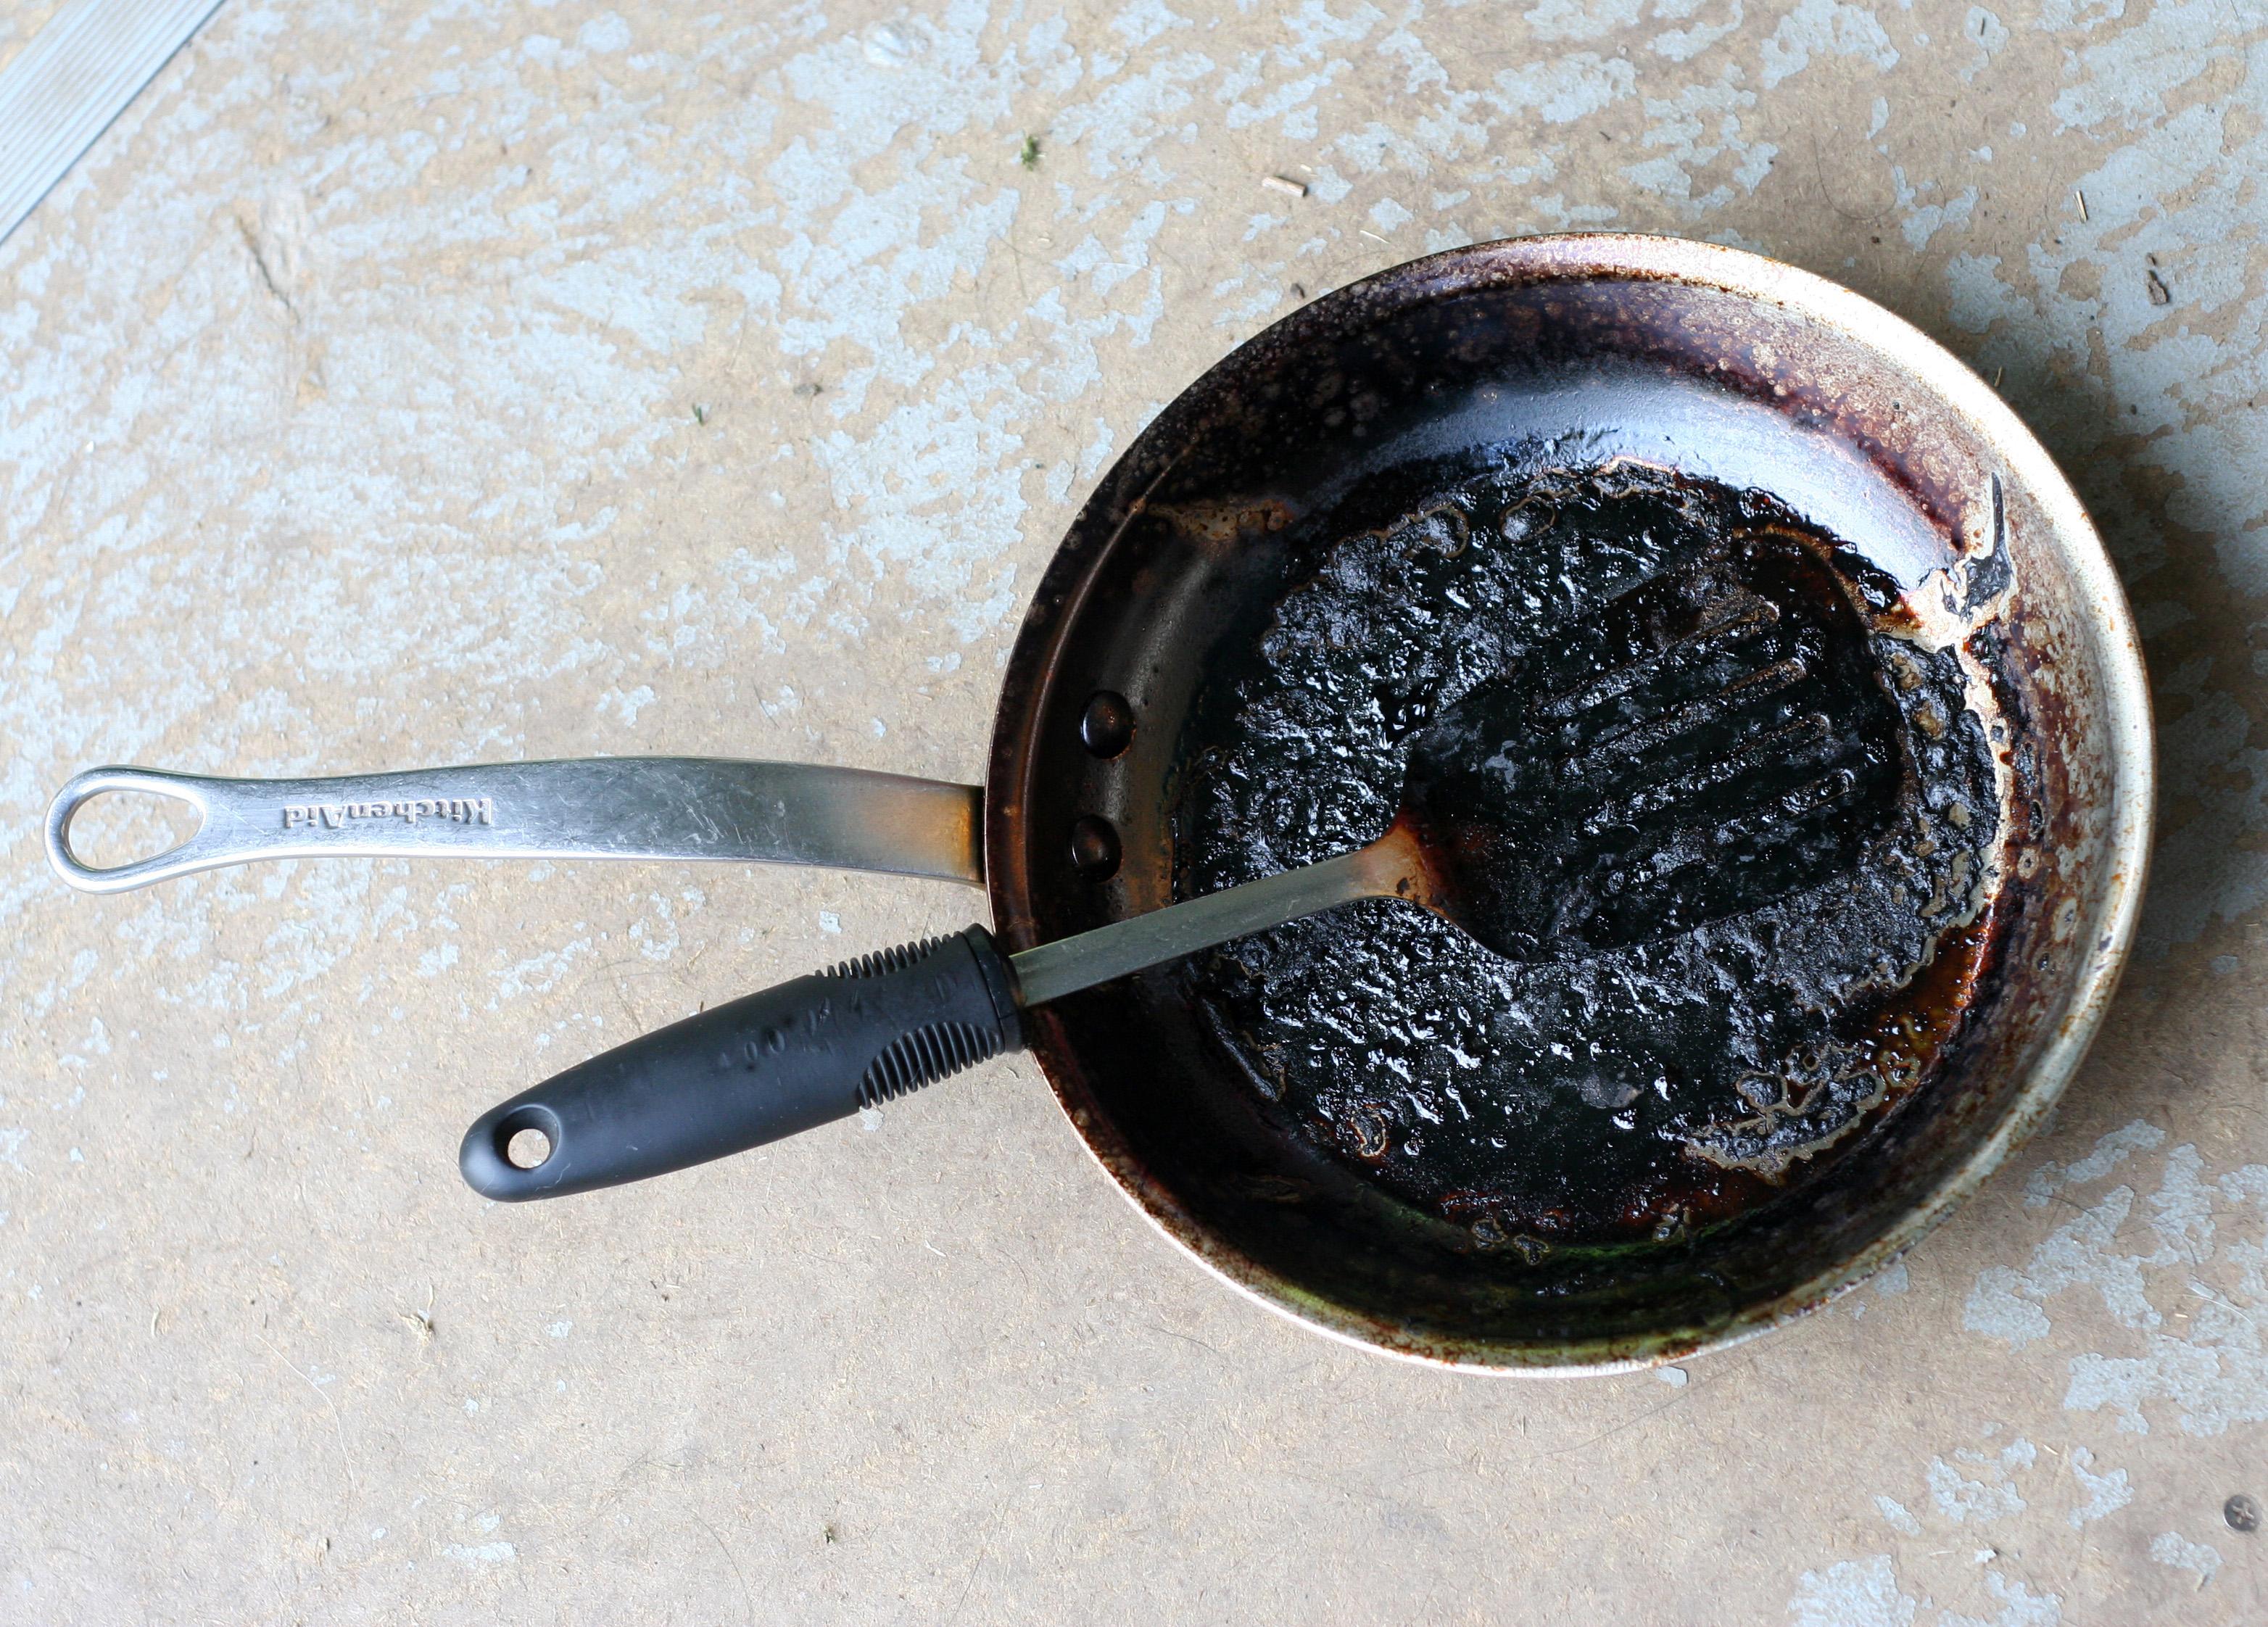 Фото сковороды с нагаром